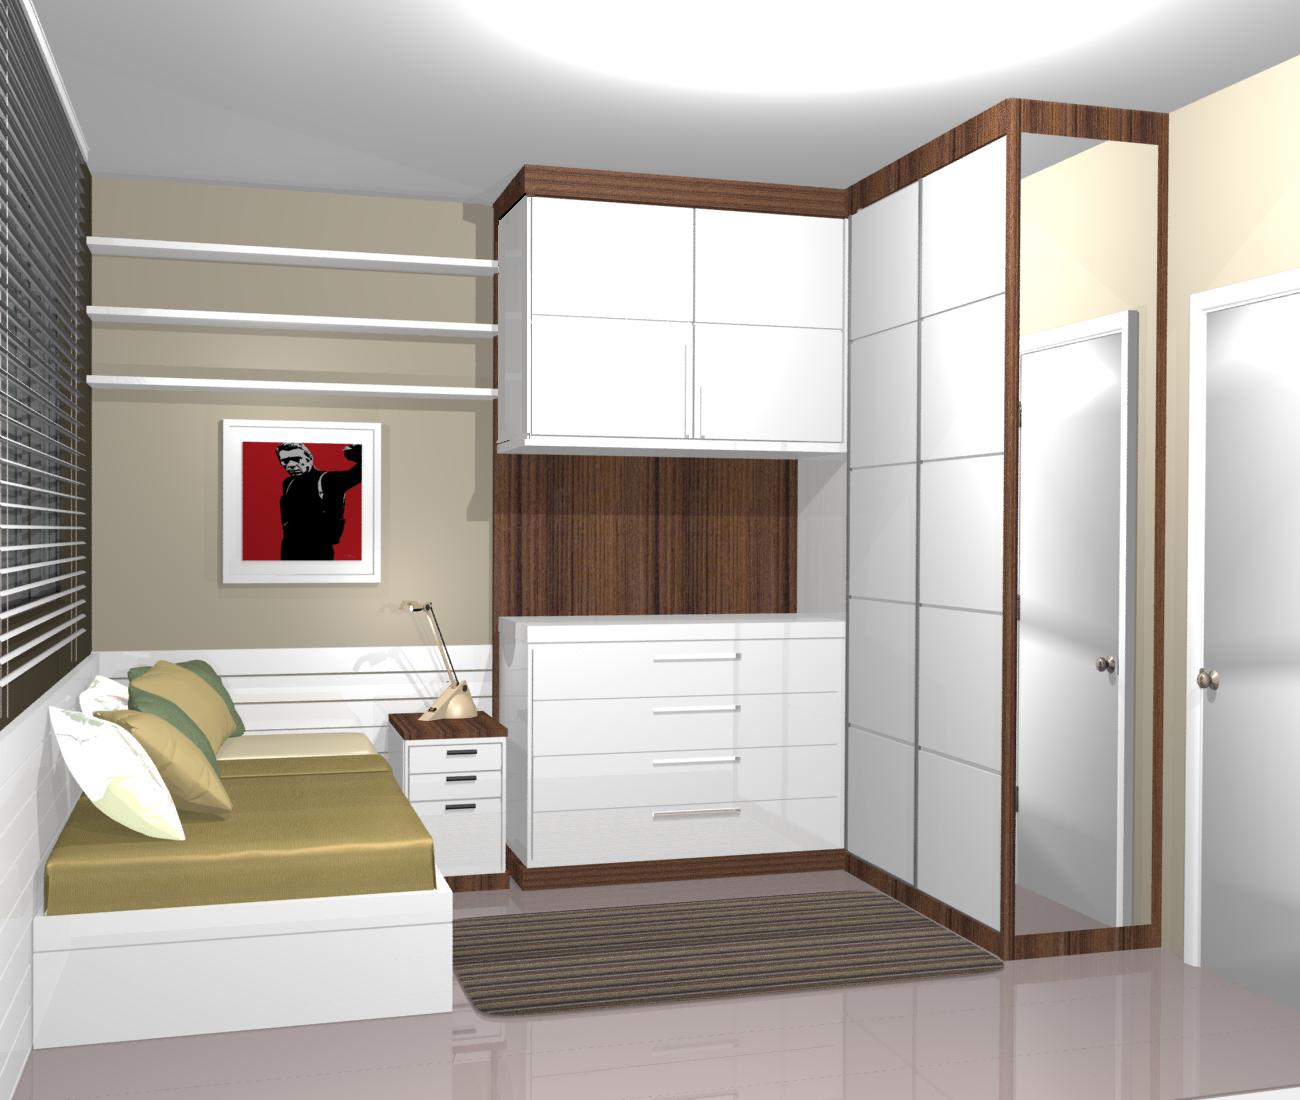 MÓVEIS PLANEJADOS MARCENARIA CASACOR NOIVAS PAINEL LACA ARMÁRIOS  #644235 1300x1100 Banheiro De Apartamento Pequeno Planejado